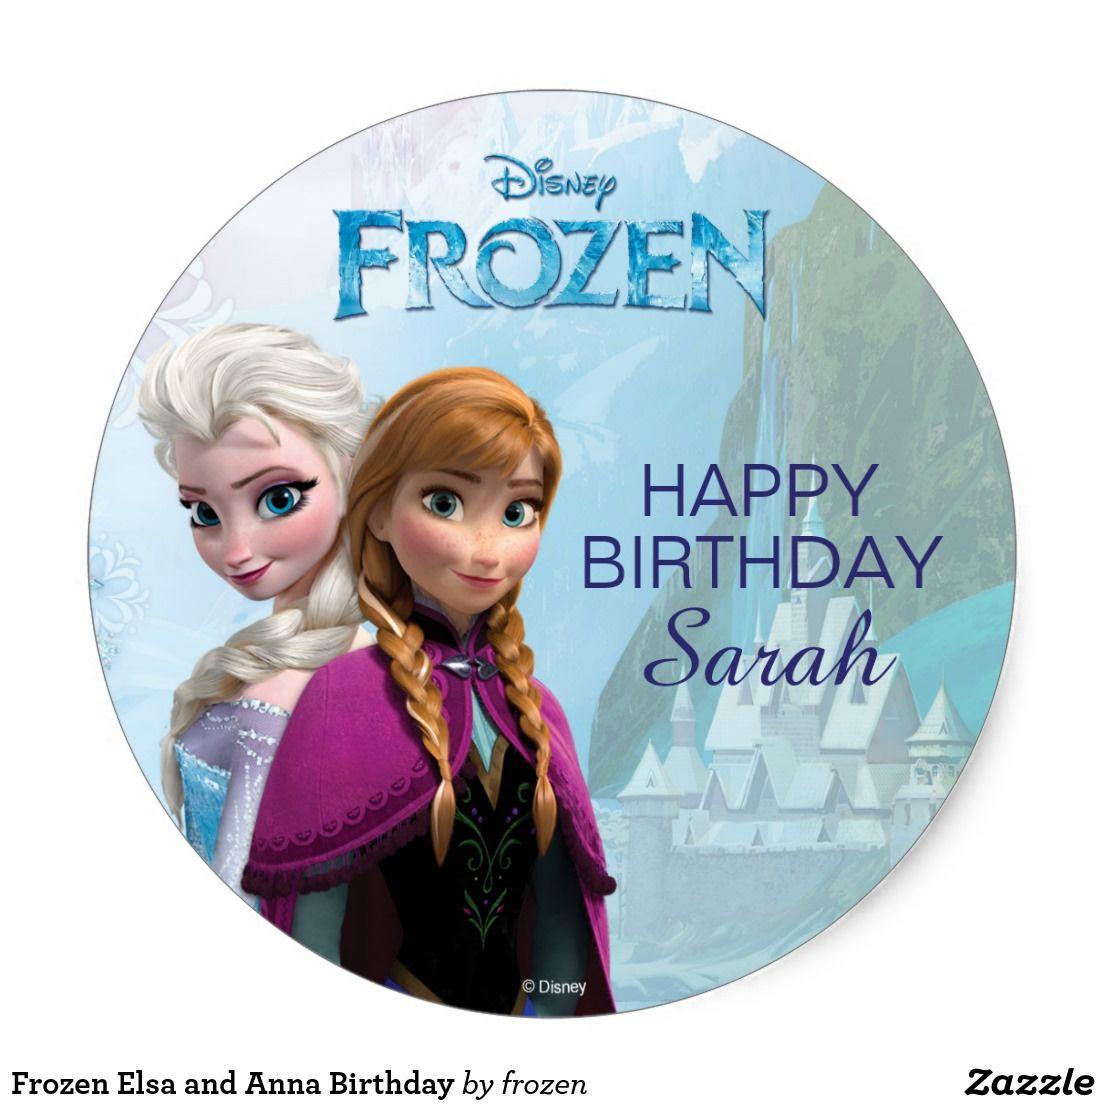 Frozen Elsa And Anna Birthday Classic Round Sticker Zazzle Com Anna Birthday Frozen Elsa And Anna Frozen Birthday Party